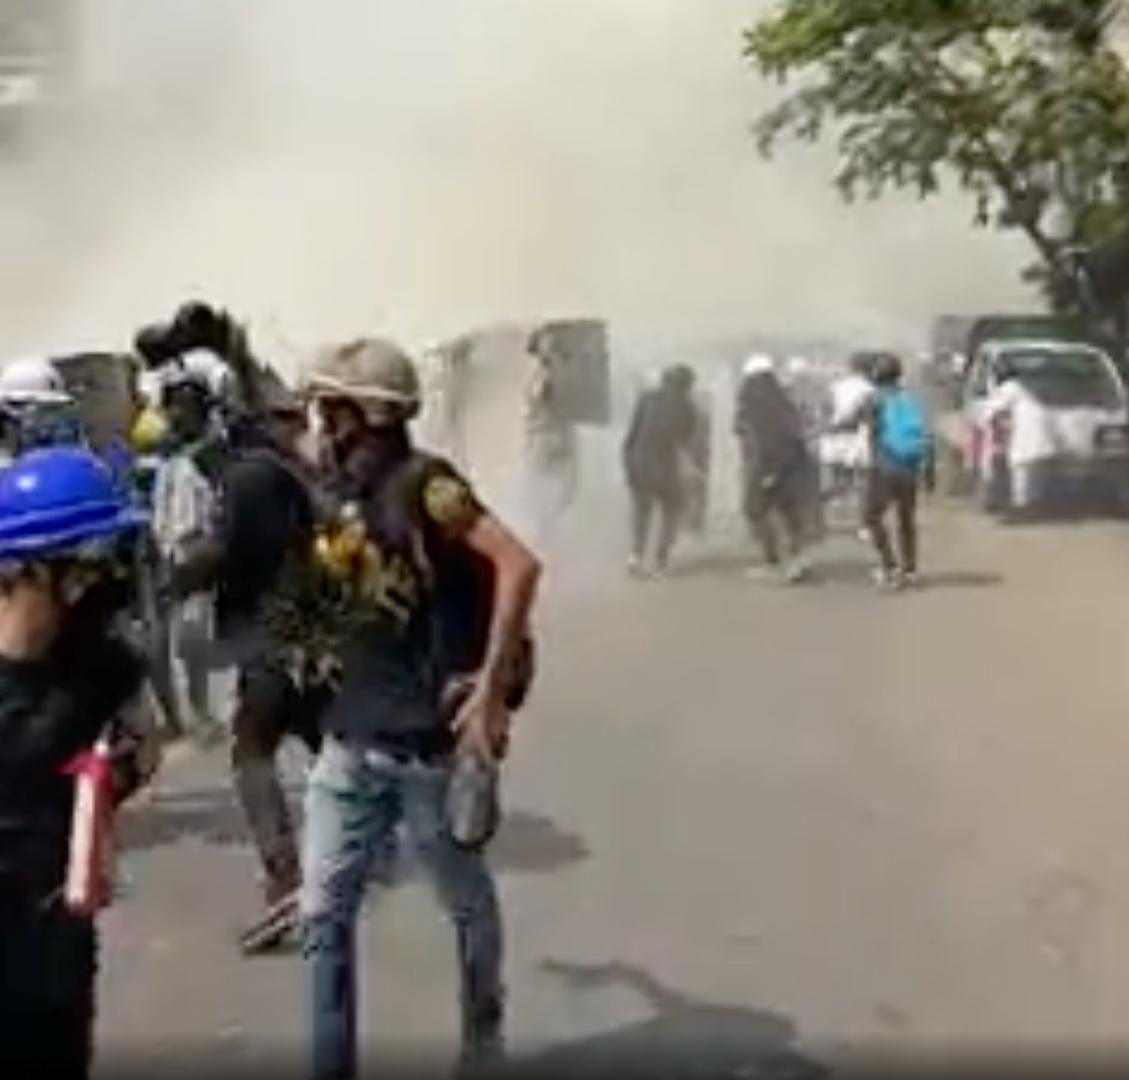 احتجاجات ميانمار مستمرة ووفاة مسؤول حزبي وهو رهن الاحتجاز لدى الشرطة